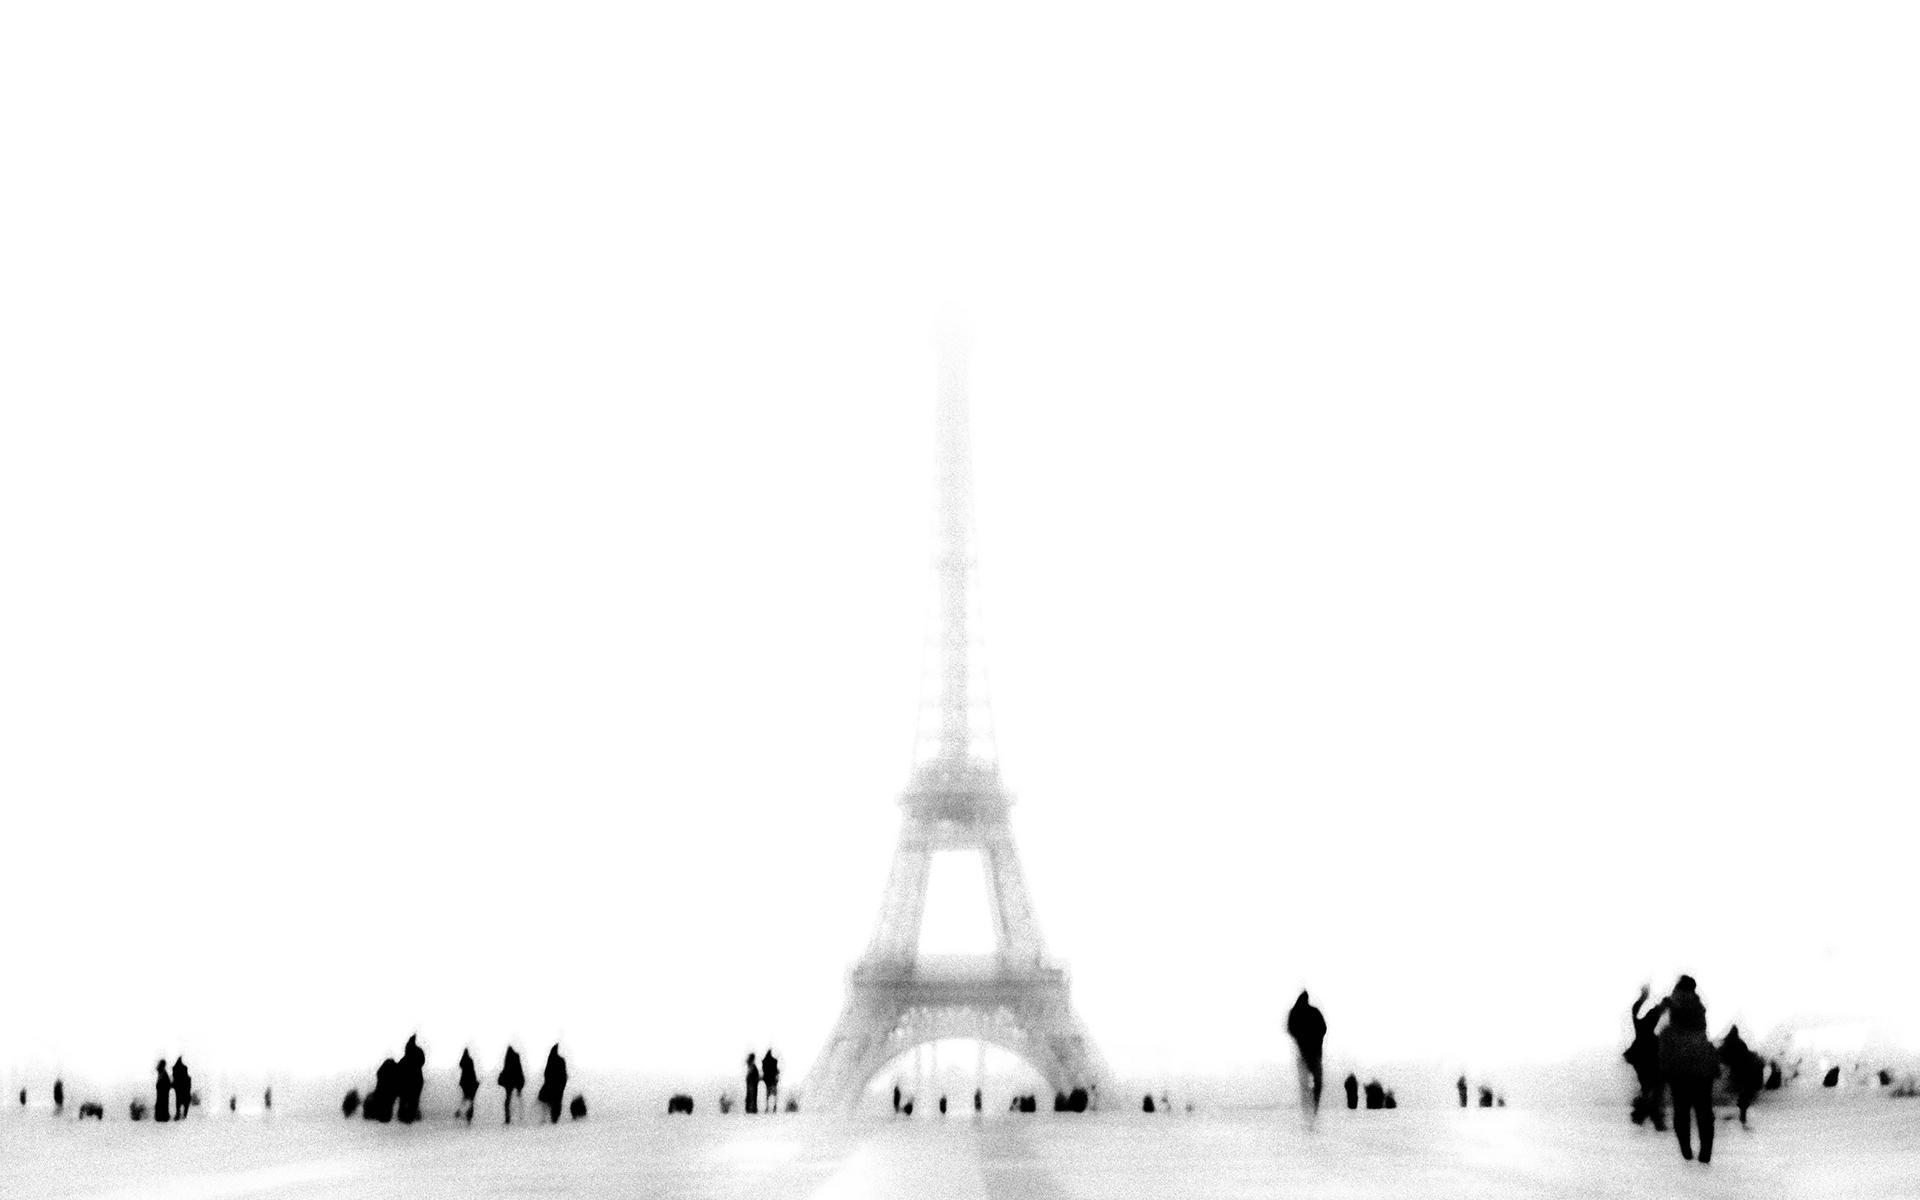 Eiffel Tower Paris France Mood Wallpaper 1920x1200 153230 Wallpaperup